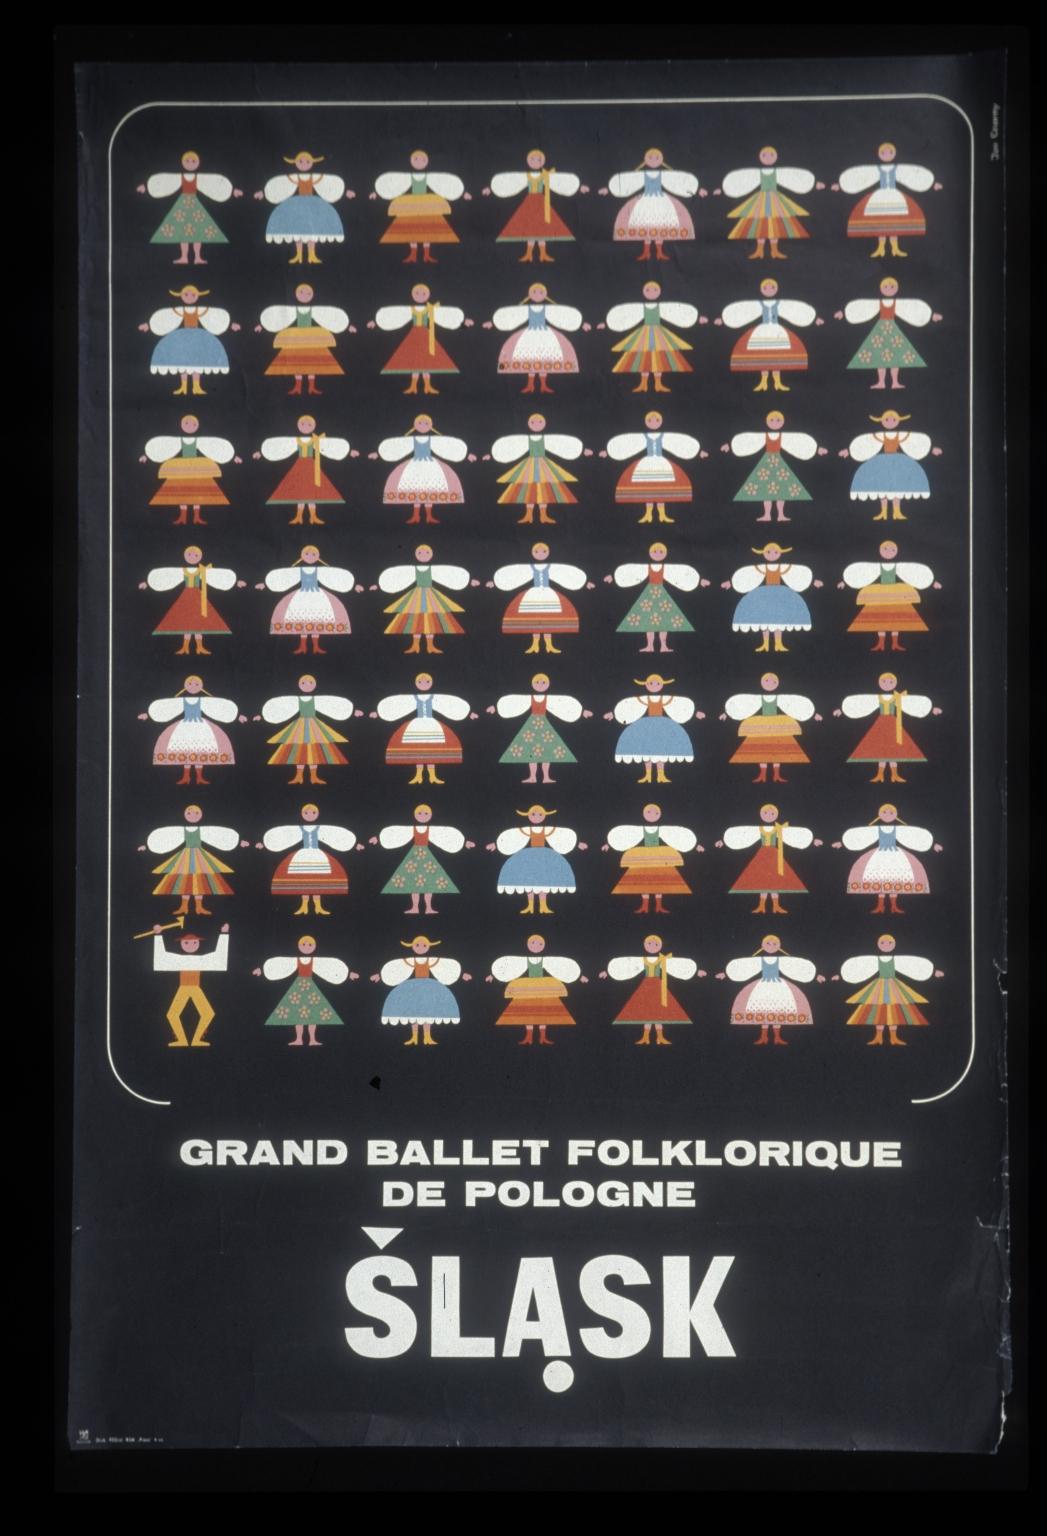 Slask, grand ballet folklorique de Pologne